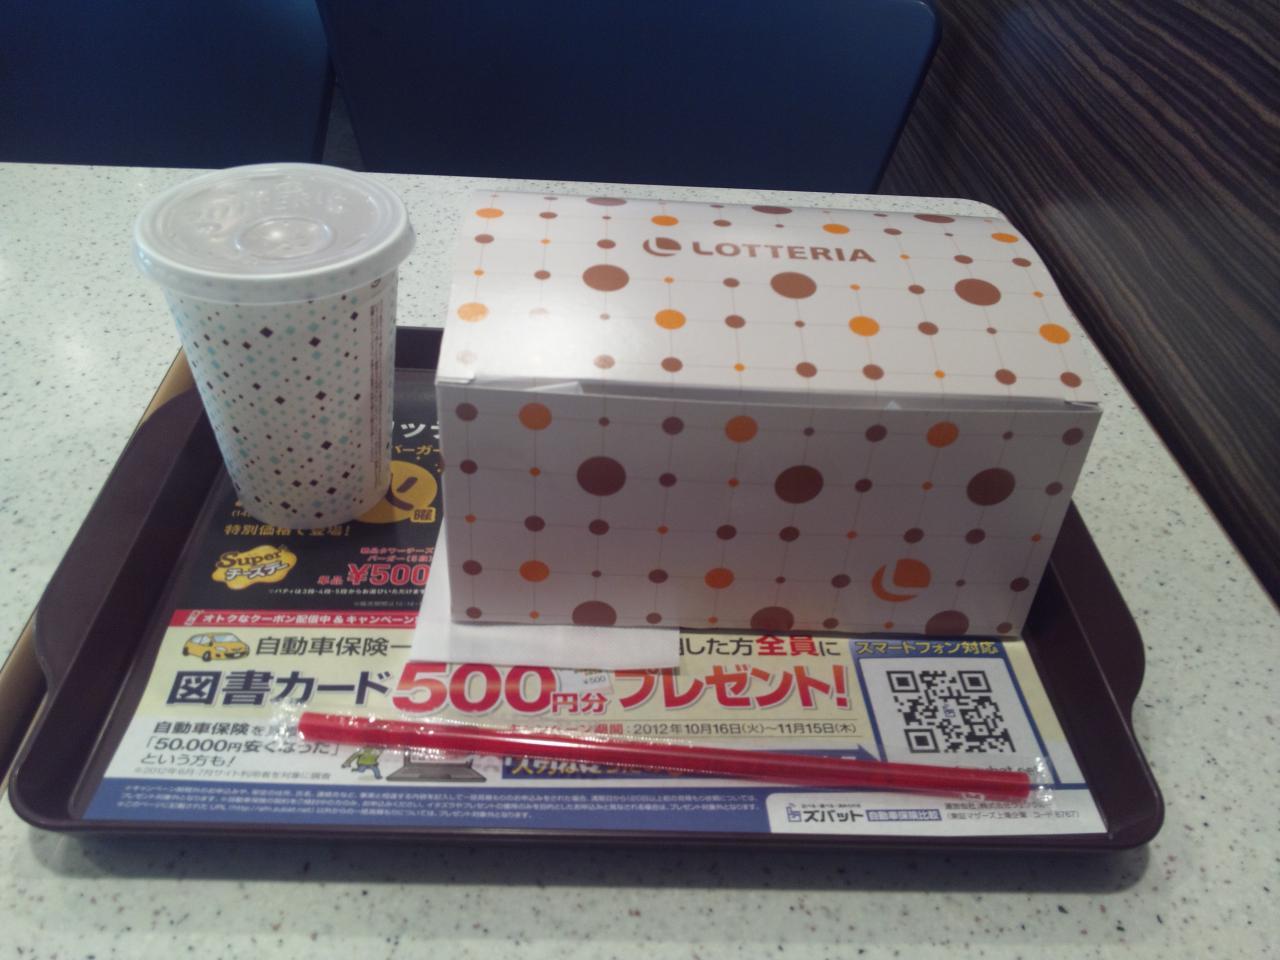 ロッテリア横浜天王町イオン店(エビツリーバーガー)